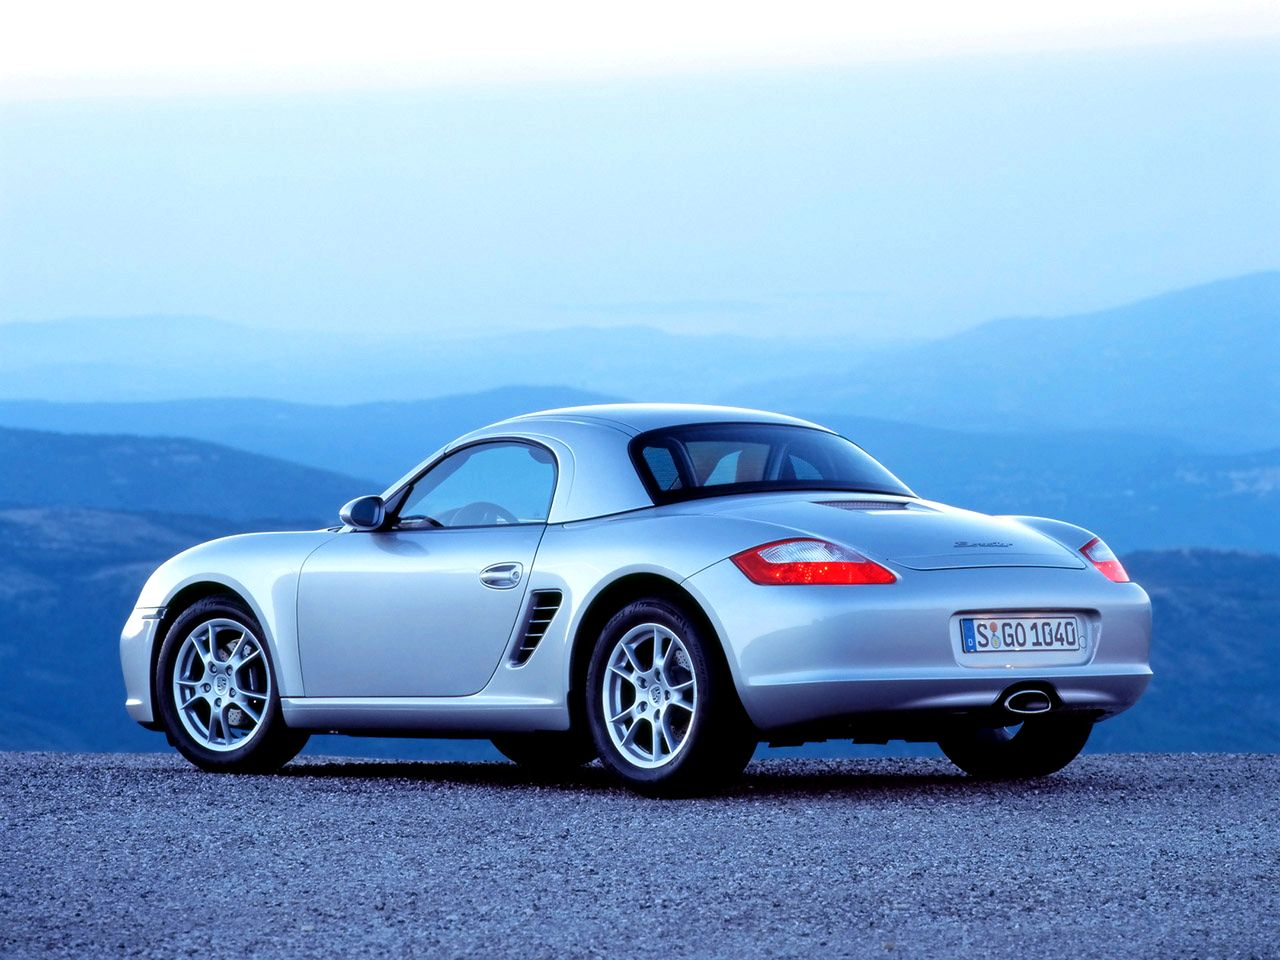 2005 Porsche Boxster  conceptcarzcom